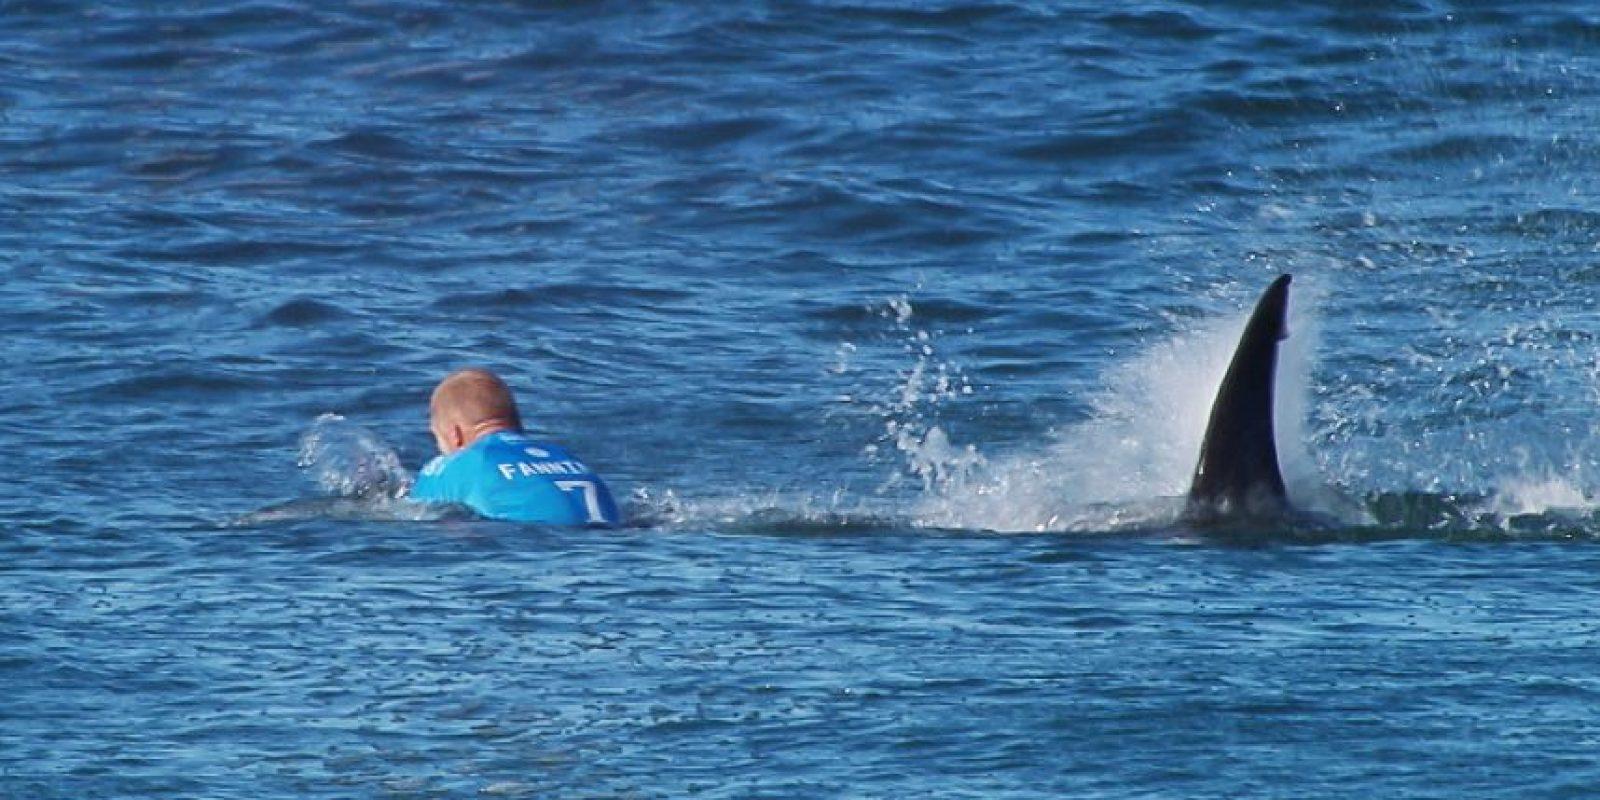 En julio el surfista profesional Mick Fanning fue atacado por un tiburón durante una competencia en Sudáfrica. Foto:AFP